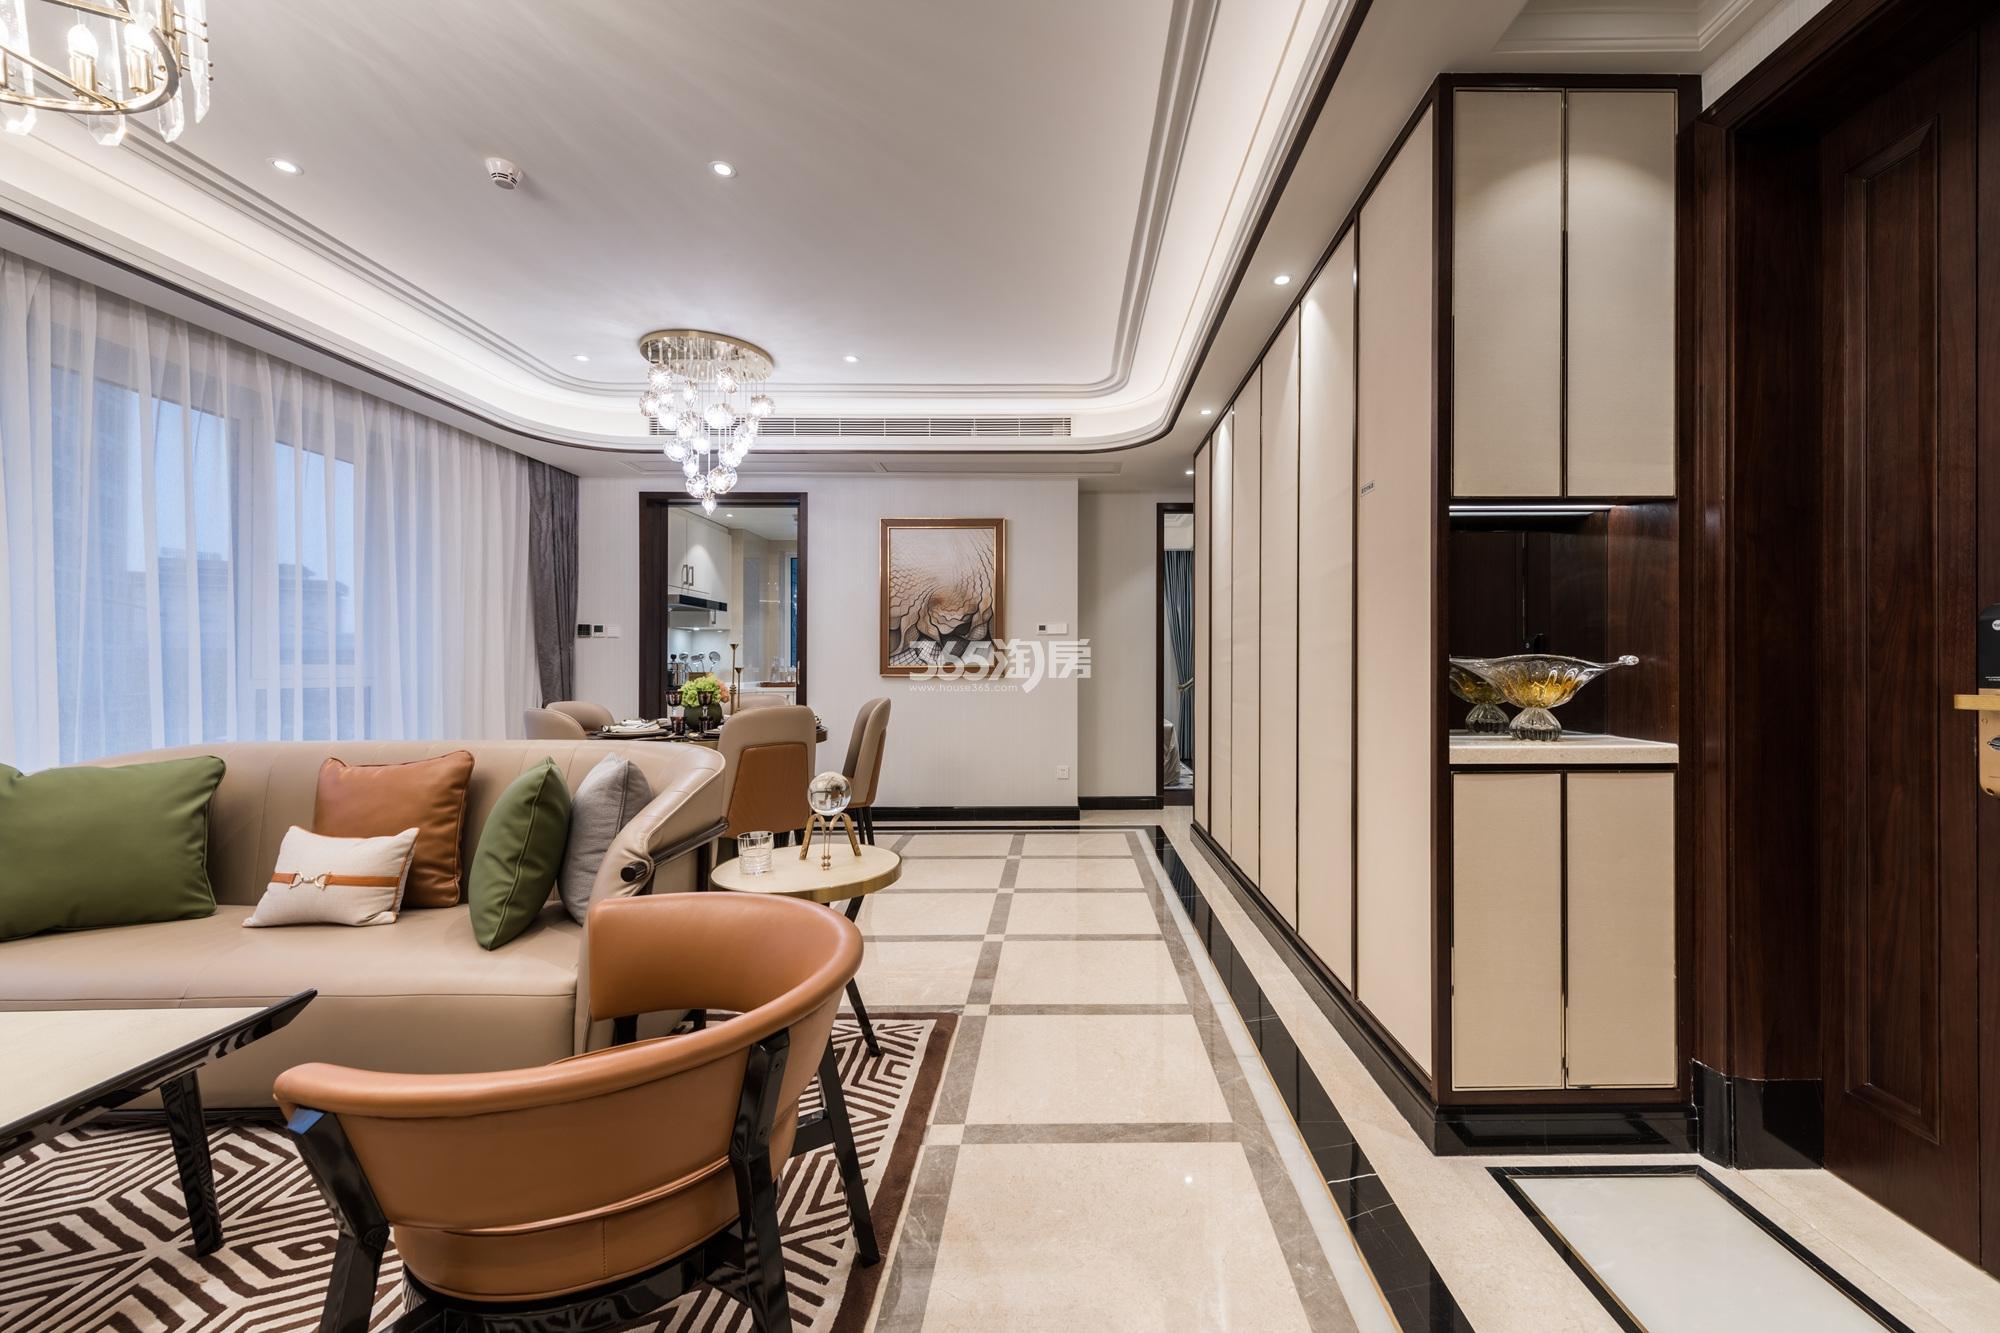 滨江保利翡翠海岸131方(A1户型)亚洲风格样板房---客餐厅局部